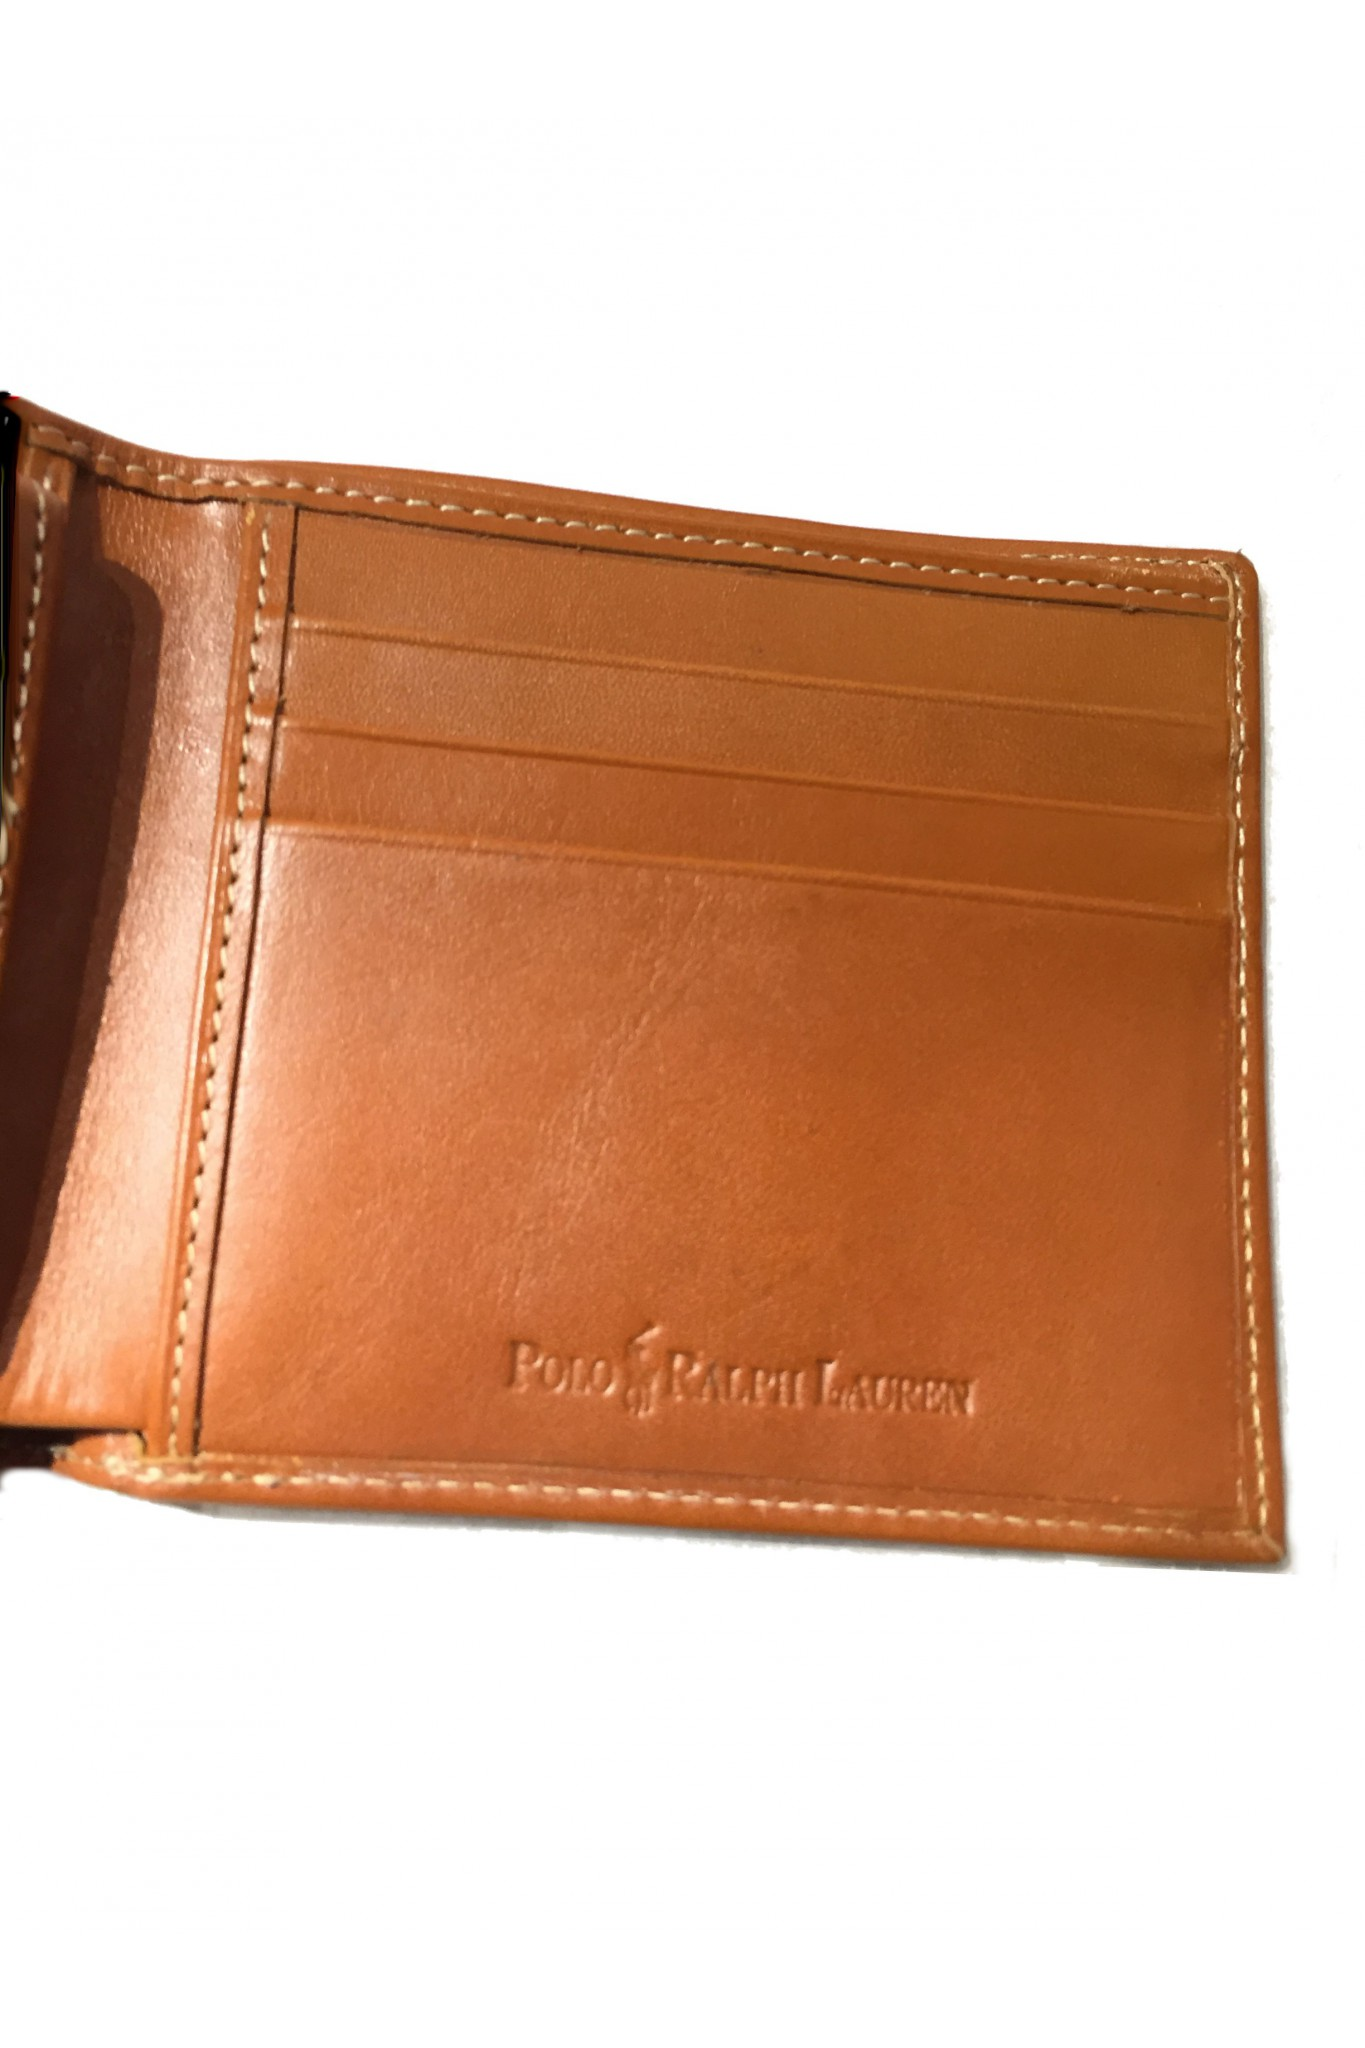 new style ce0bd 5c179 Vendita portafogli da uomo Ralph Lauren in pelle color cuoio ...